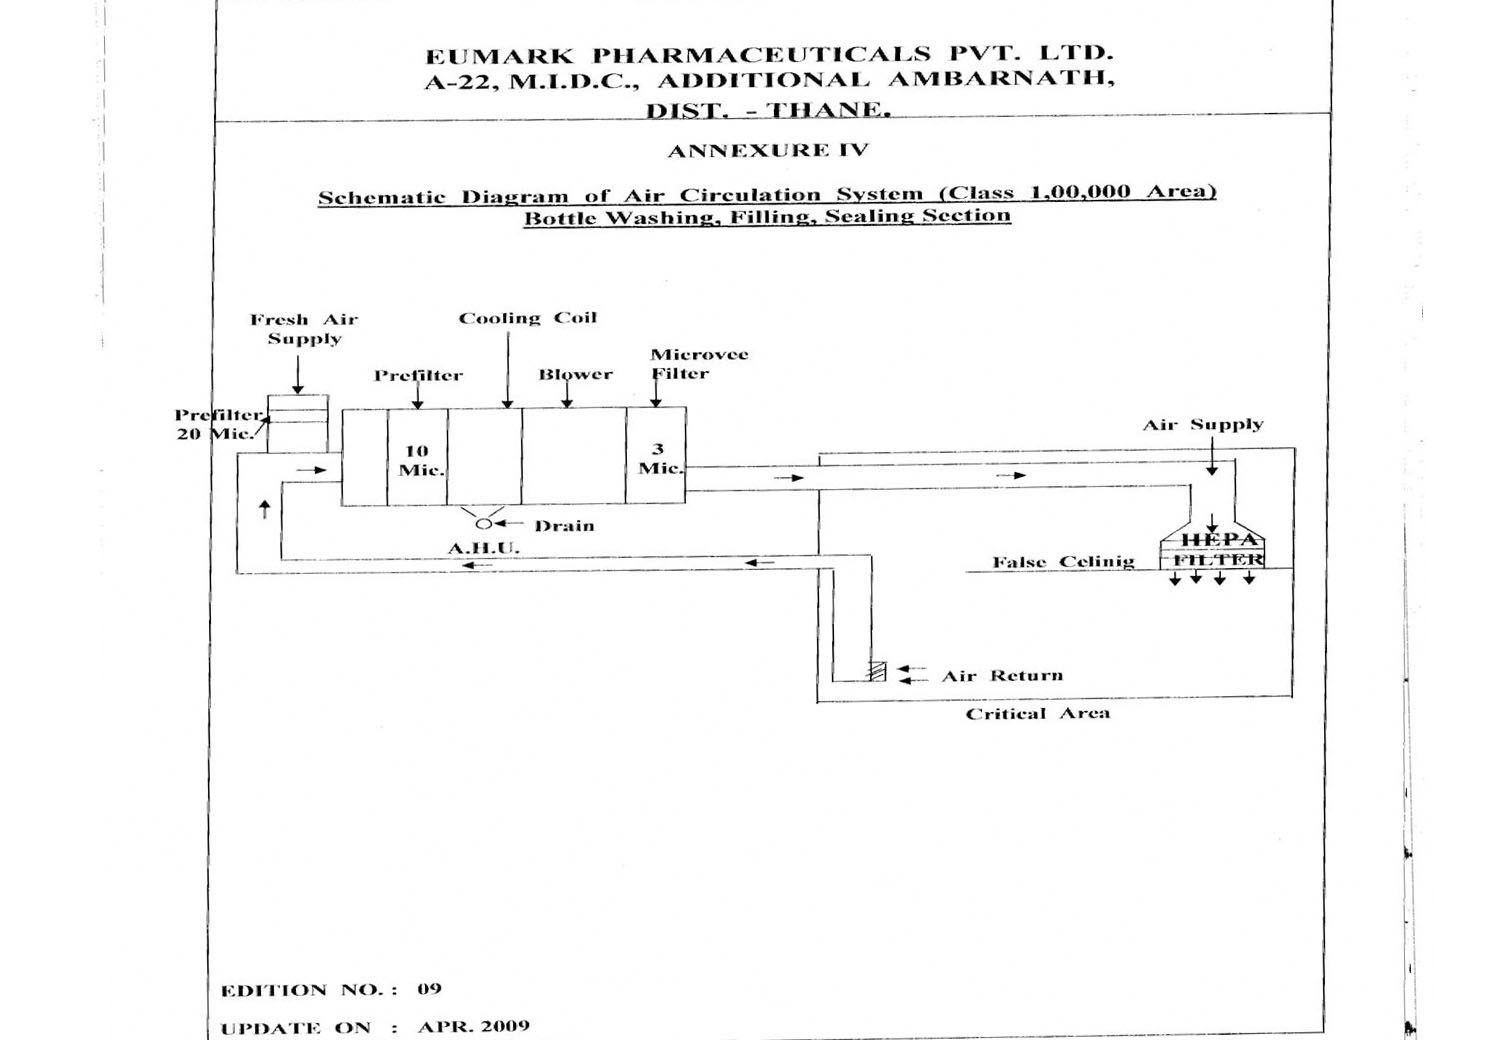 Eumarkpharma.com/HVAC System